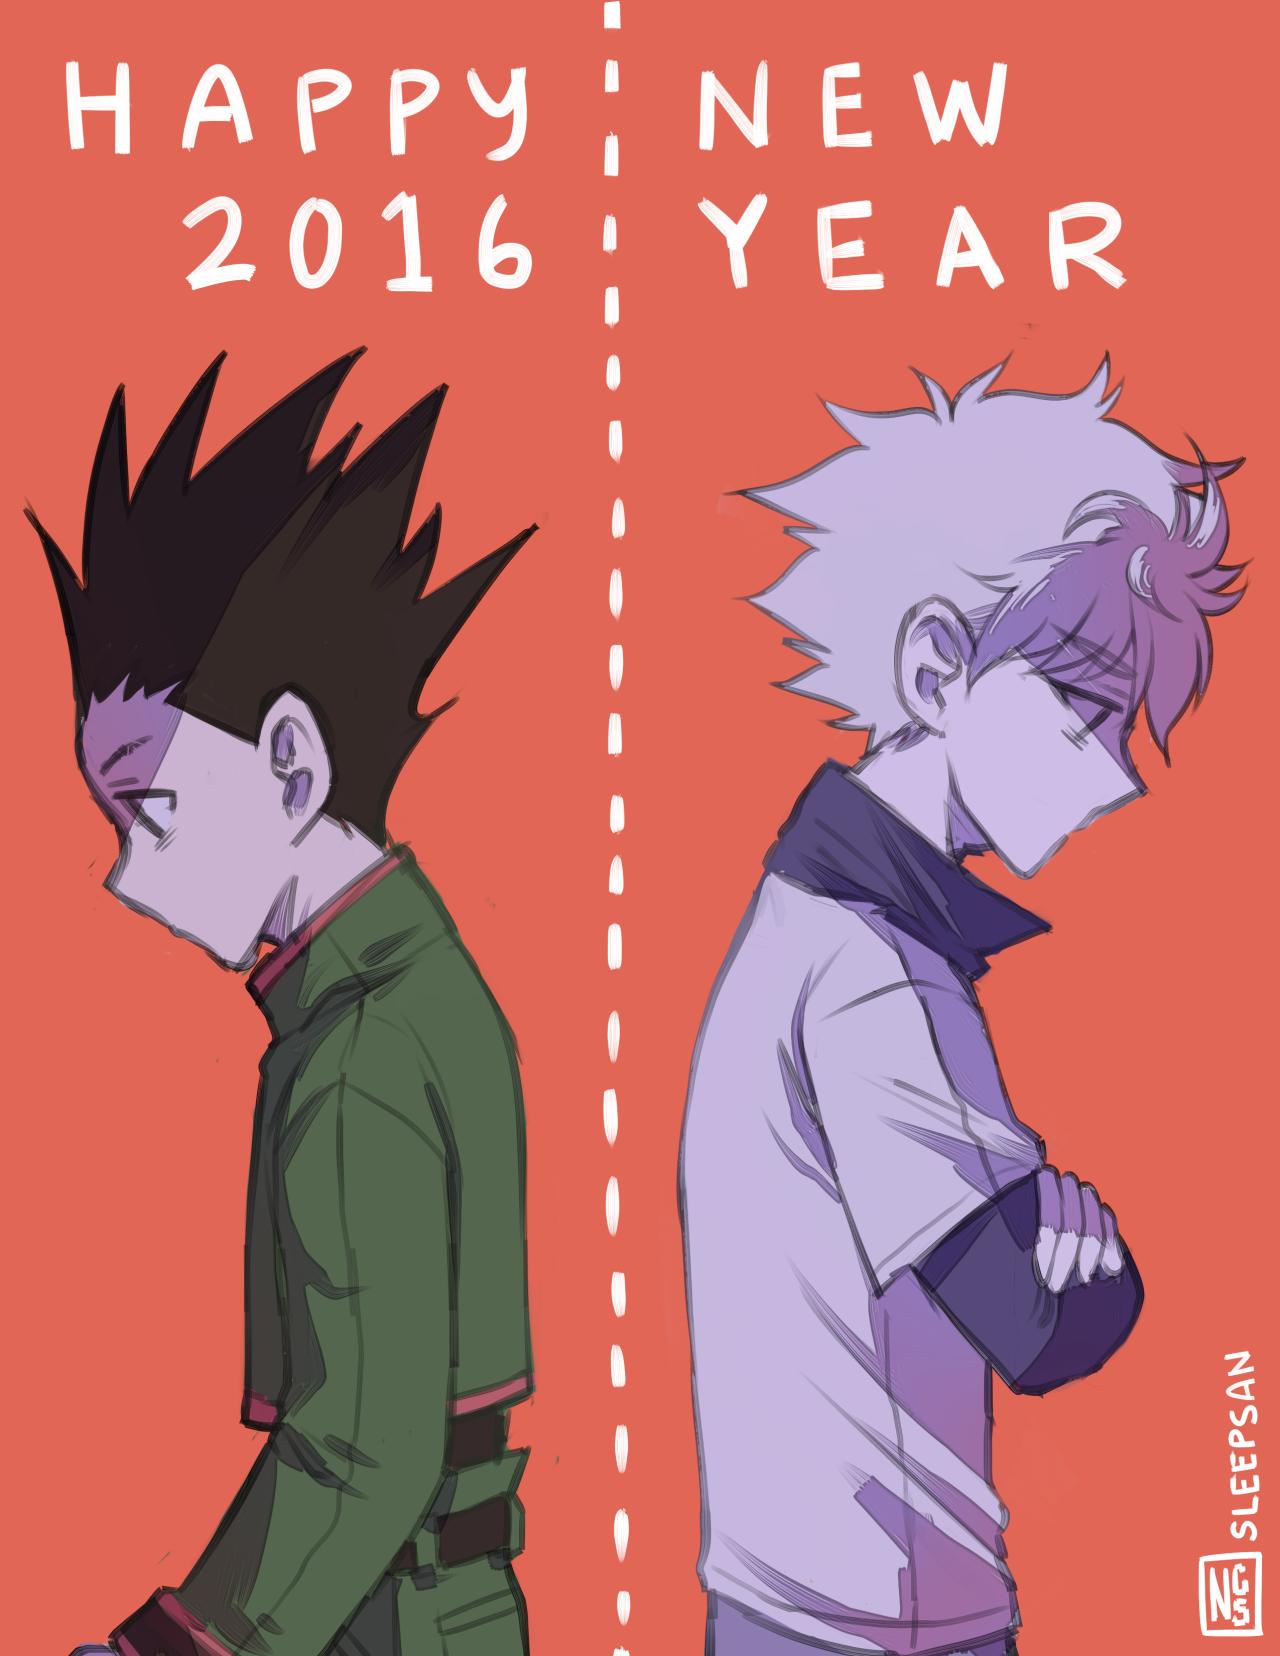 HxH 2016